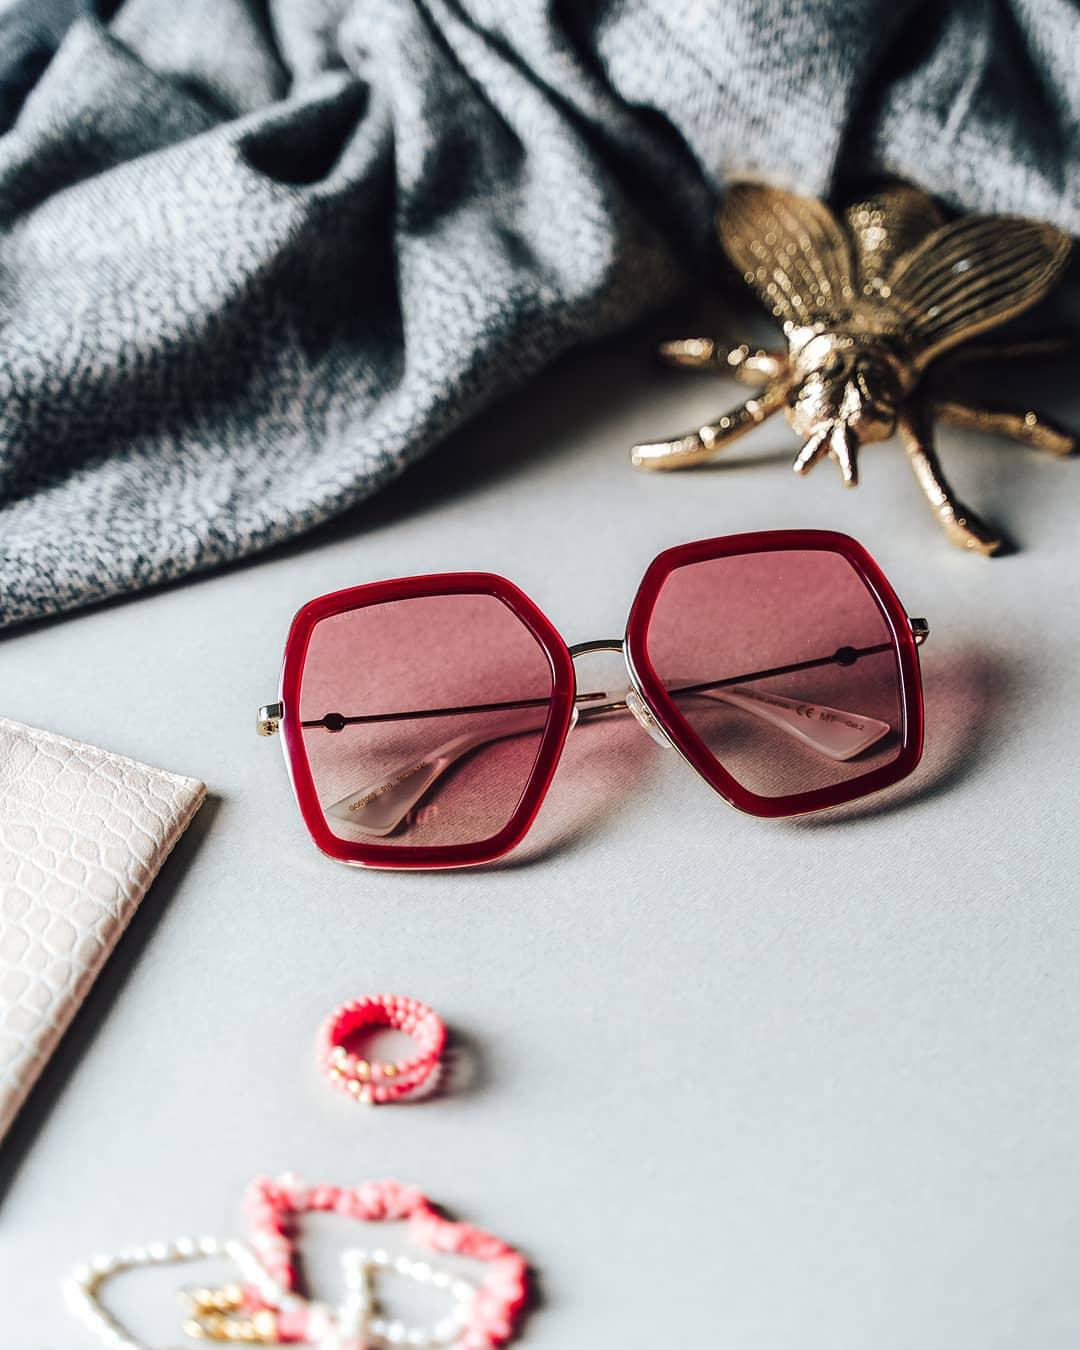 Kombinace klasické elegance, extravagance a nejnovějších trendů, to jsou sluneční brýle #Gucci   Oživte svůj outfit patřičnou dávkou luxusu  . . . . . #vasecocky #slunecnibryle #sunglasses #sunglassesfashion #sunglasseslover #eyeweartrends #eyewearfashion #instaglasses #sunnies #fashioneyewear #fashioninspiration #optika #opticstore #guccieyewear